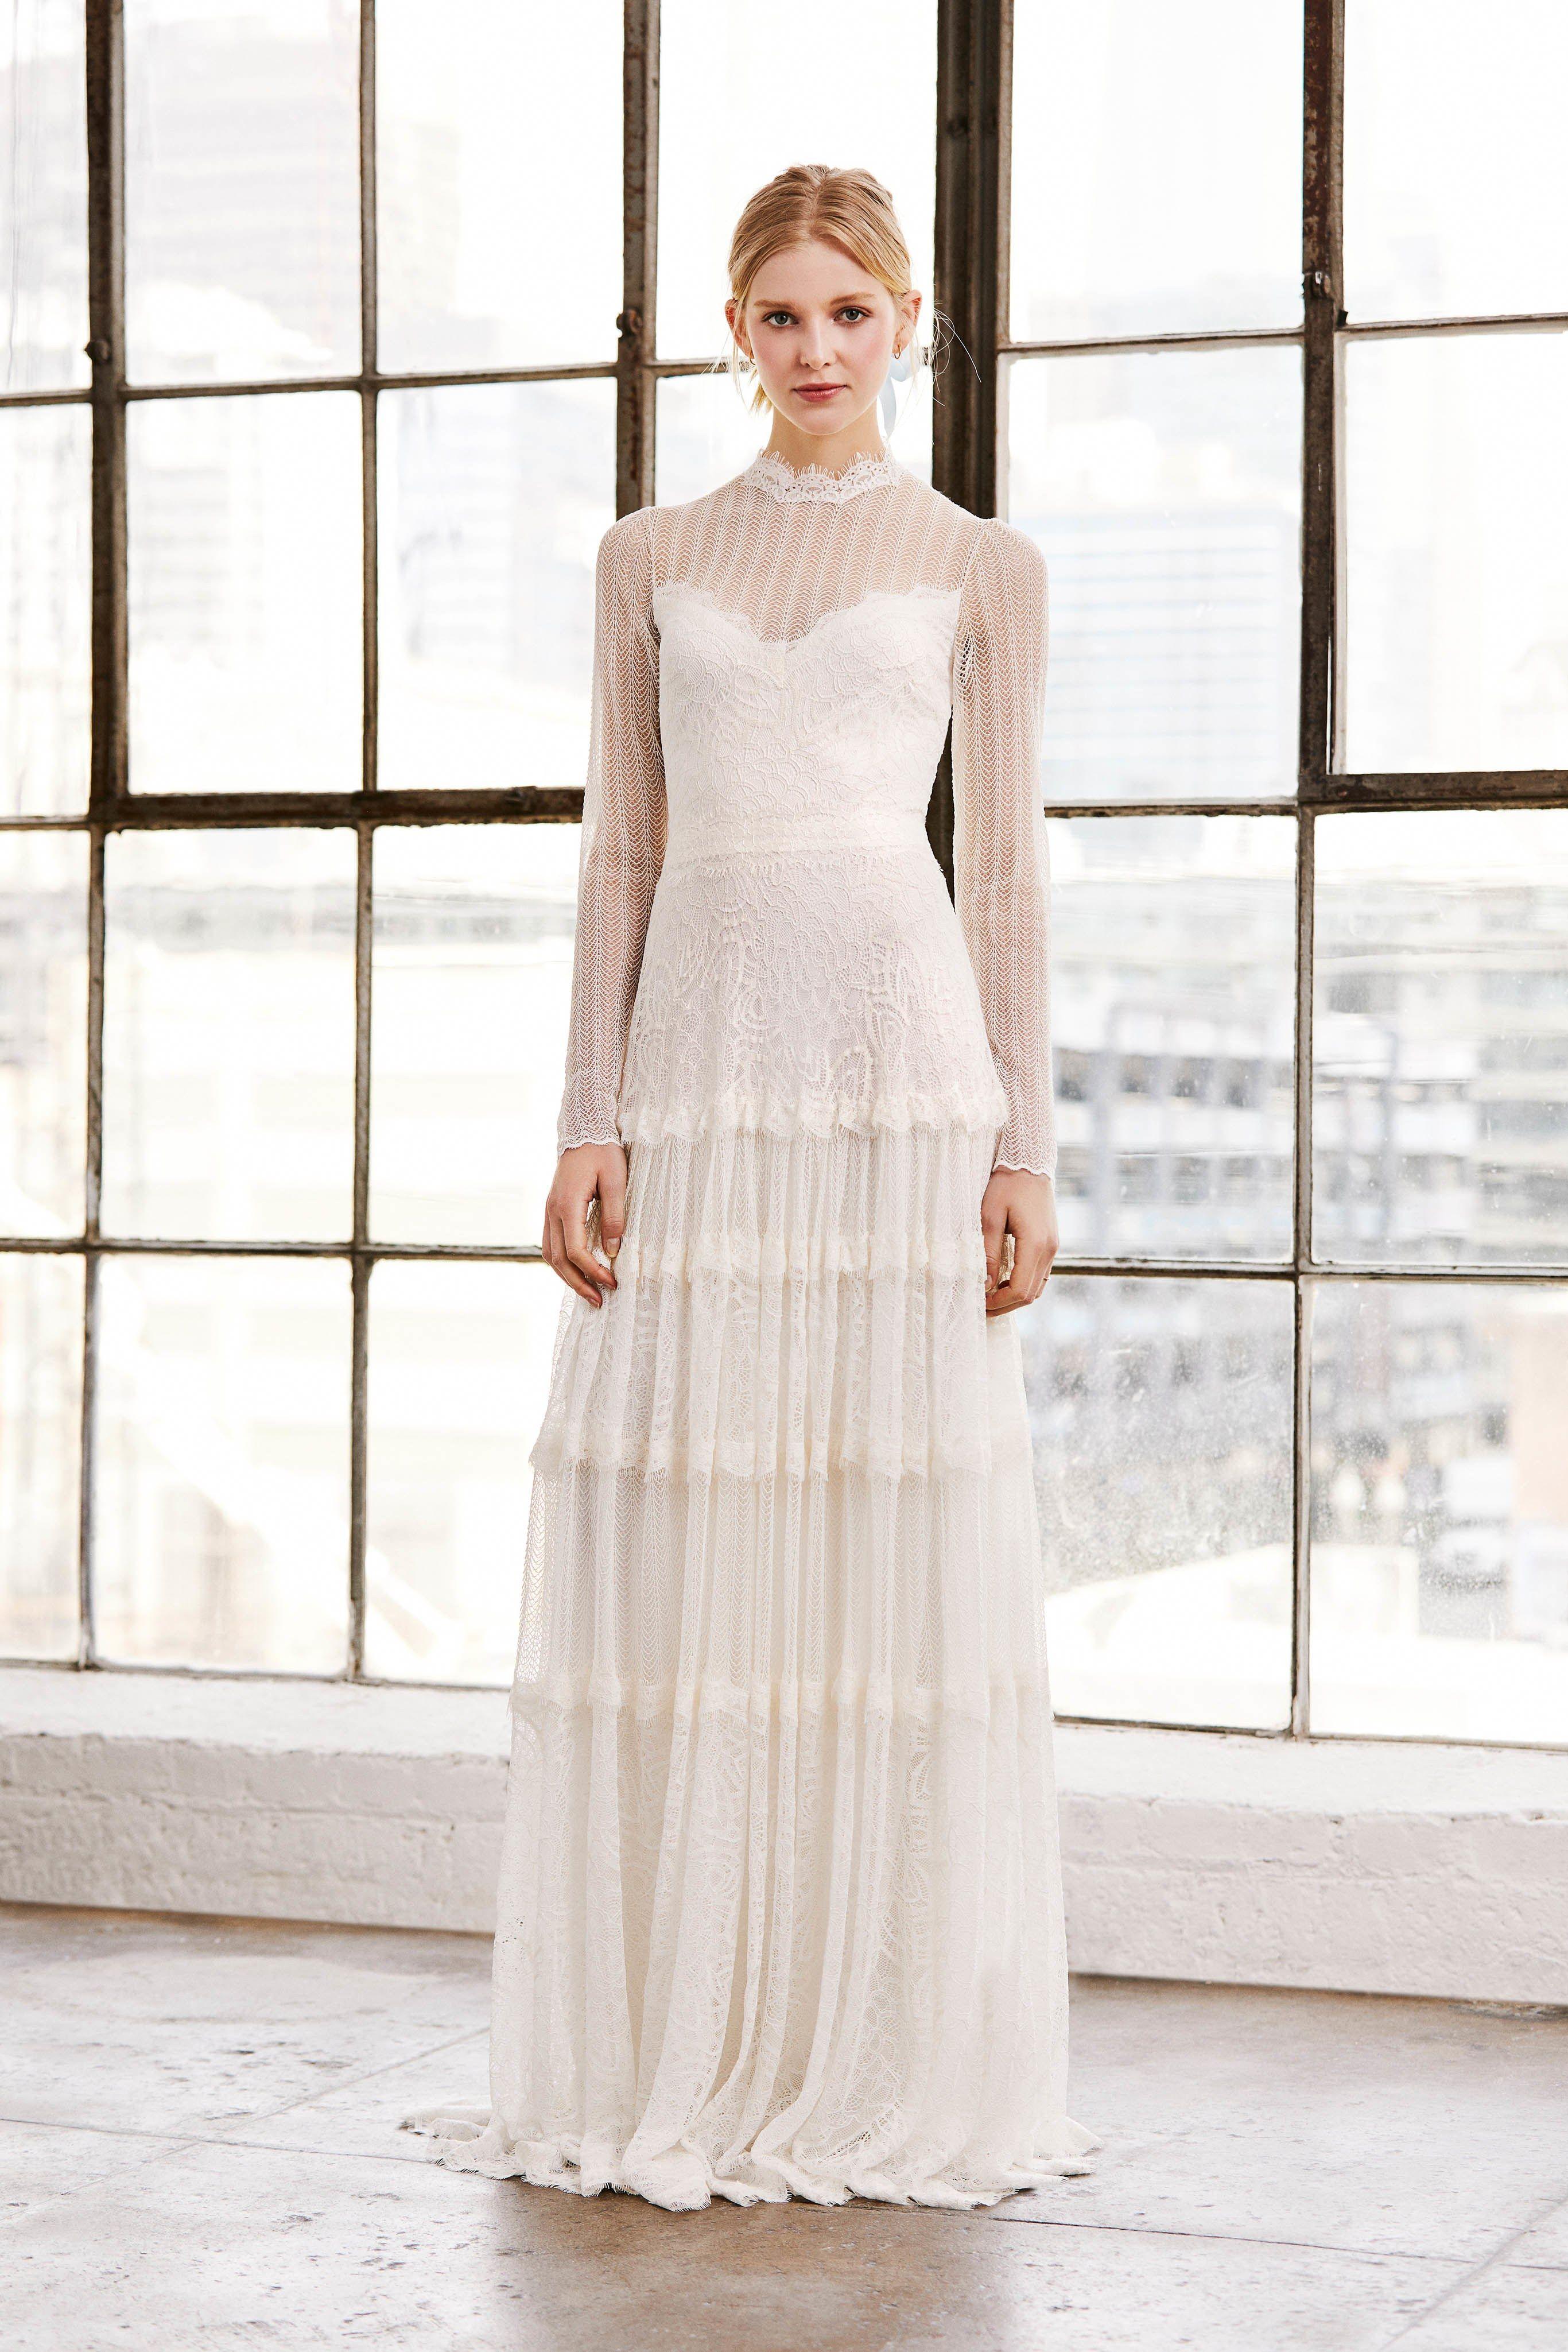 Tadashi Shoji Bridal Spring 2019 Fashion Show